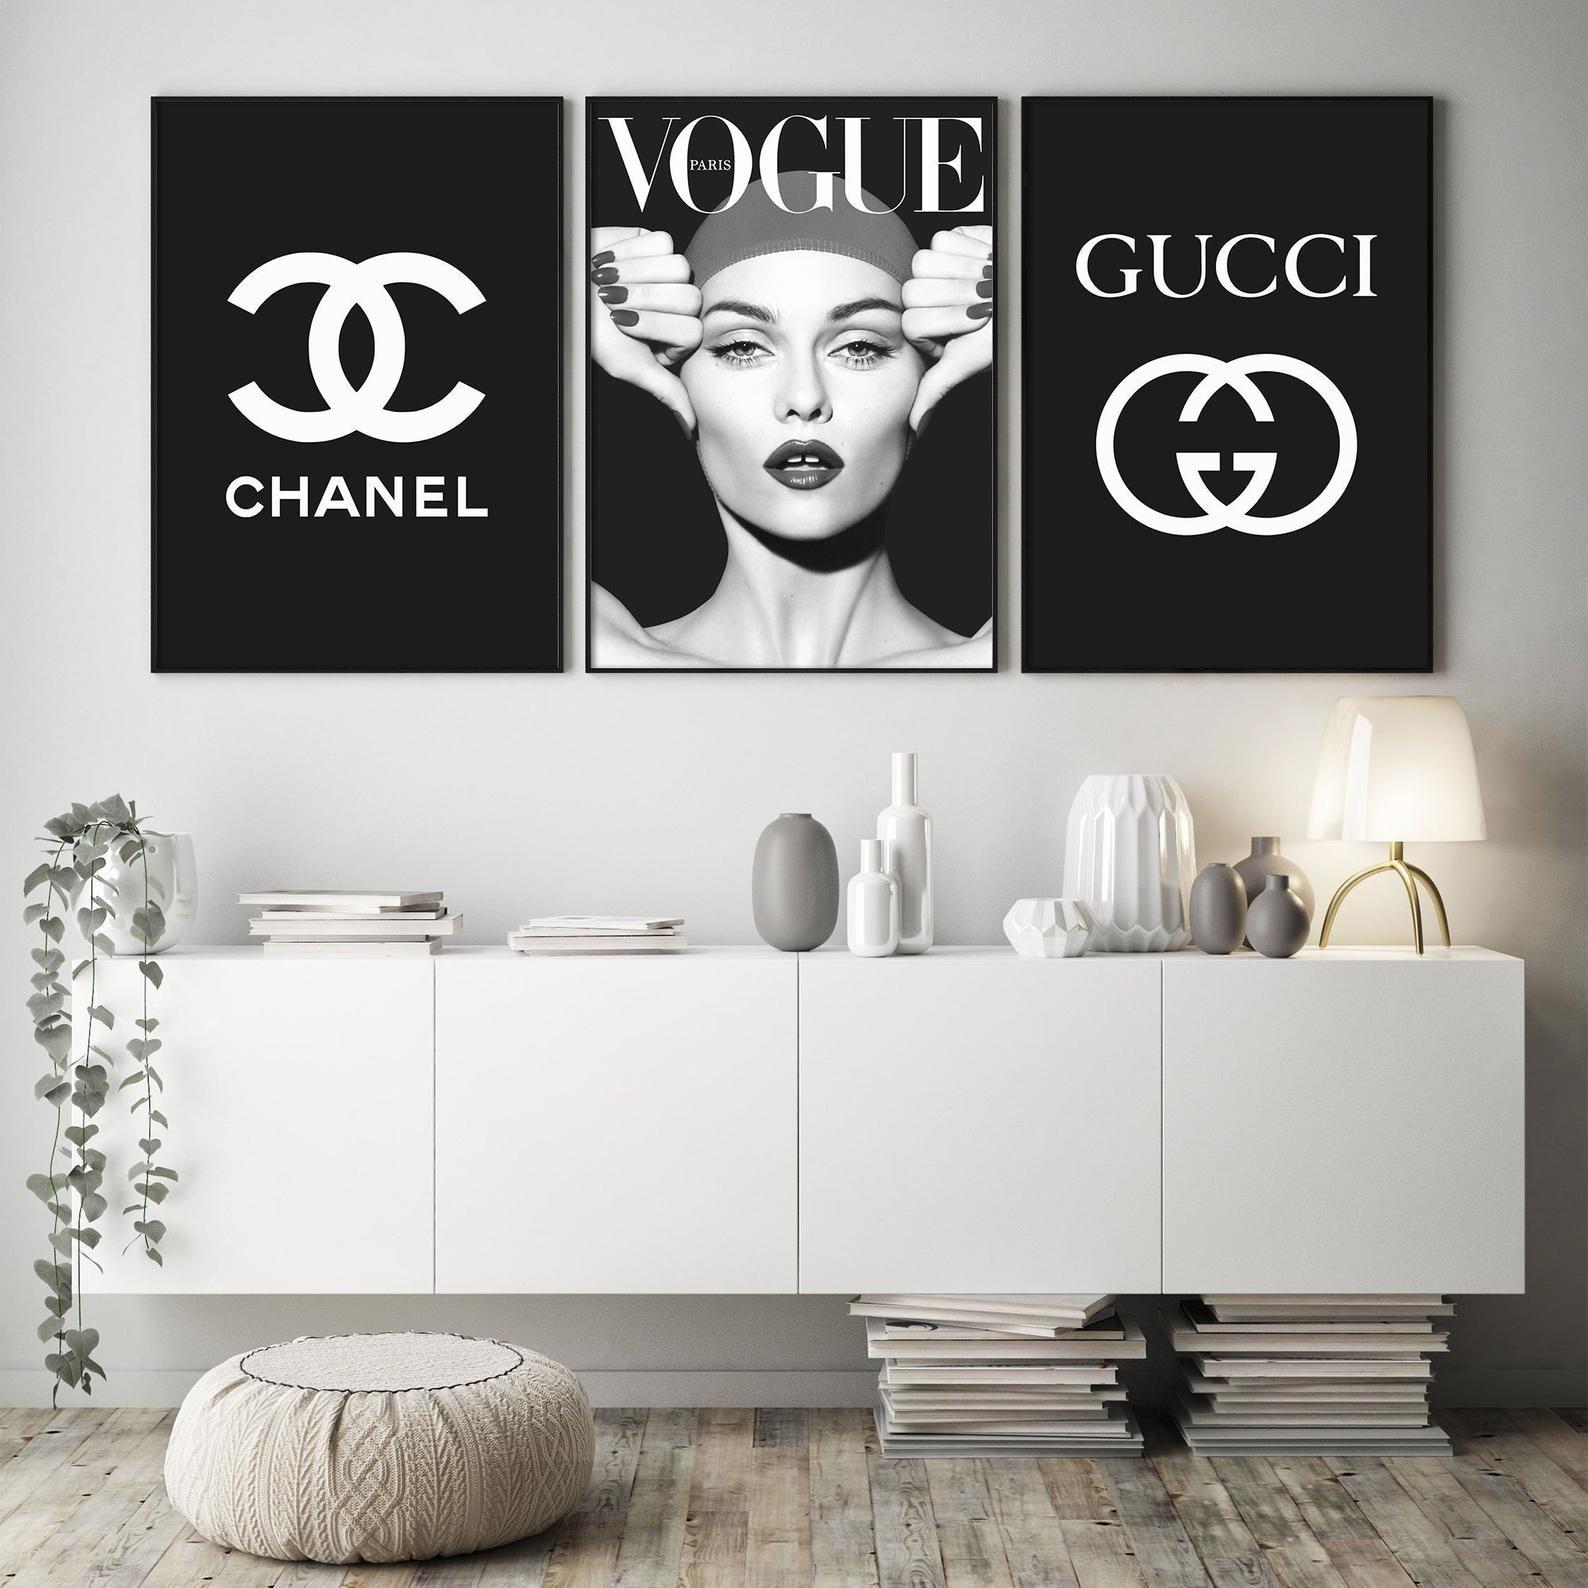 Vogue Print Set Of 3 Prints Bedroom Wall Decor Chanel Art Etsy Wall Decor Bedroom Chanel Wall Decor Framed Prints Bedroom